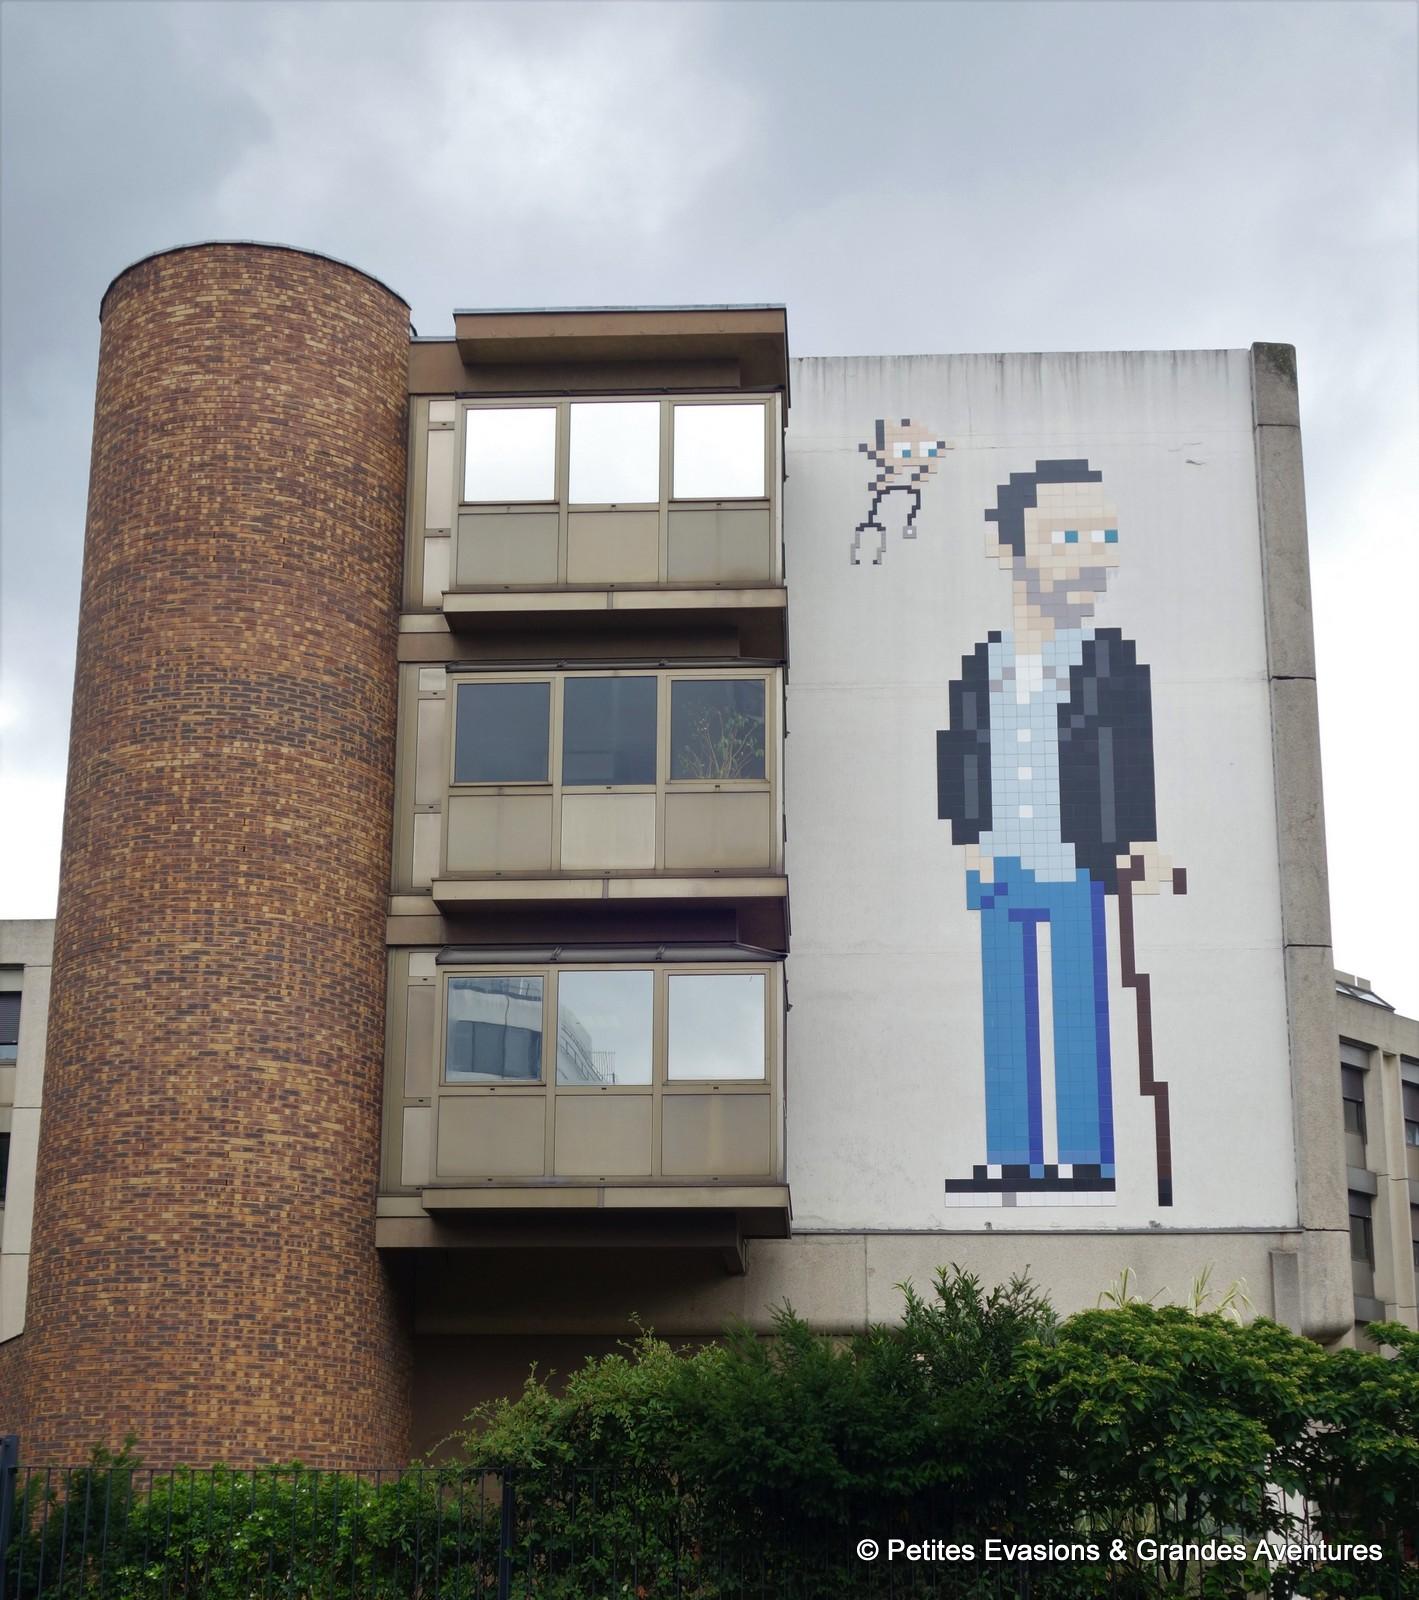 Dr House, par Invader, sur le mur de l'Hôpital de la Salpêtrière